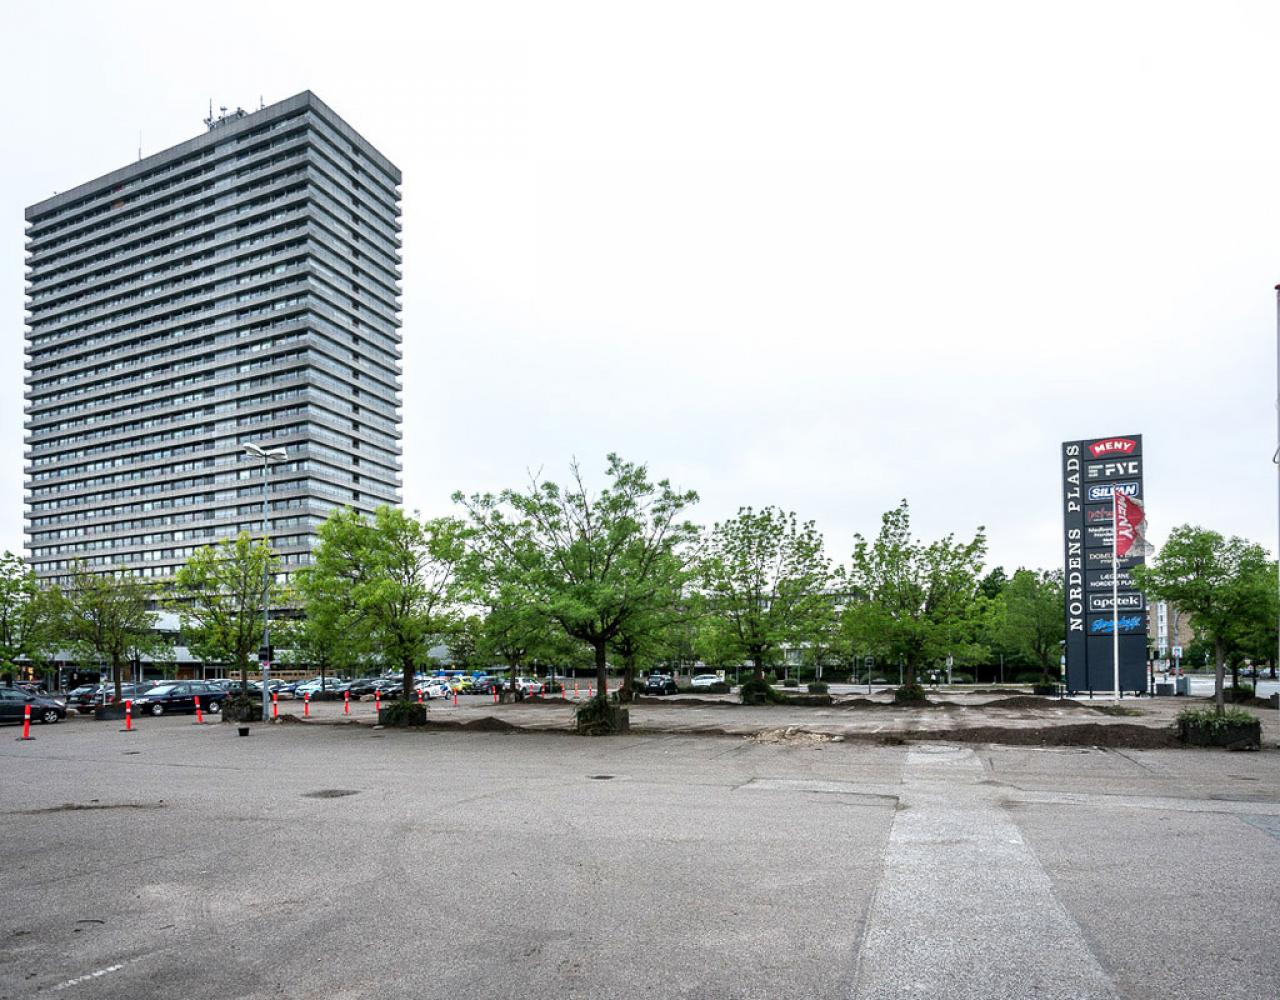 Nordens Plads asfalt træer